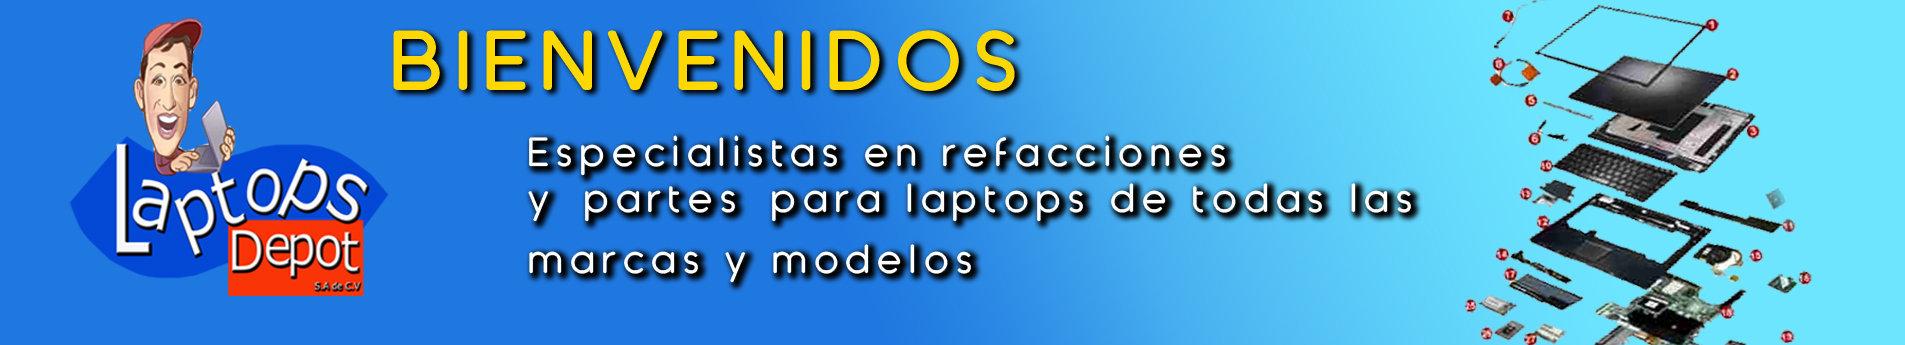 Refacciones para laptops, los mejores precios y calidad